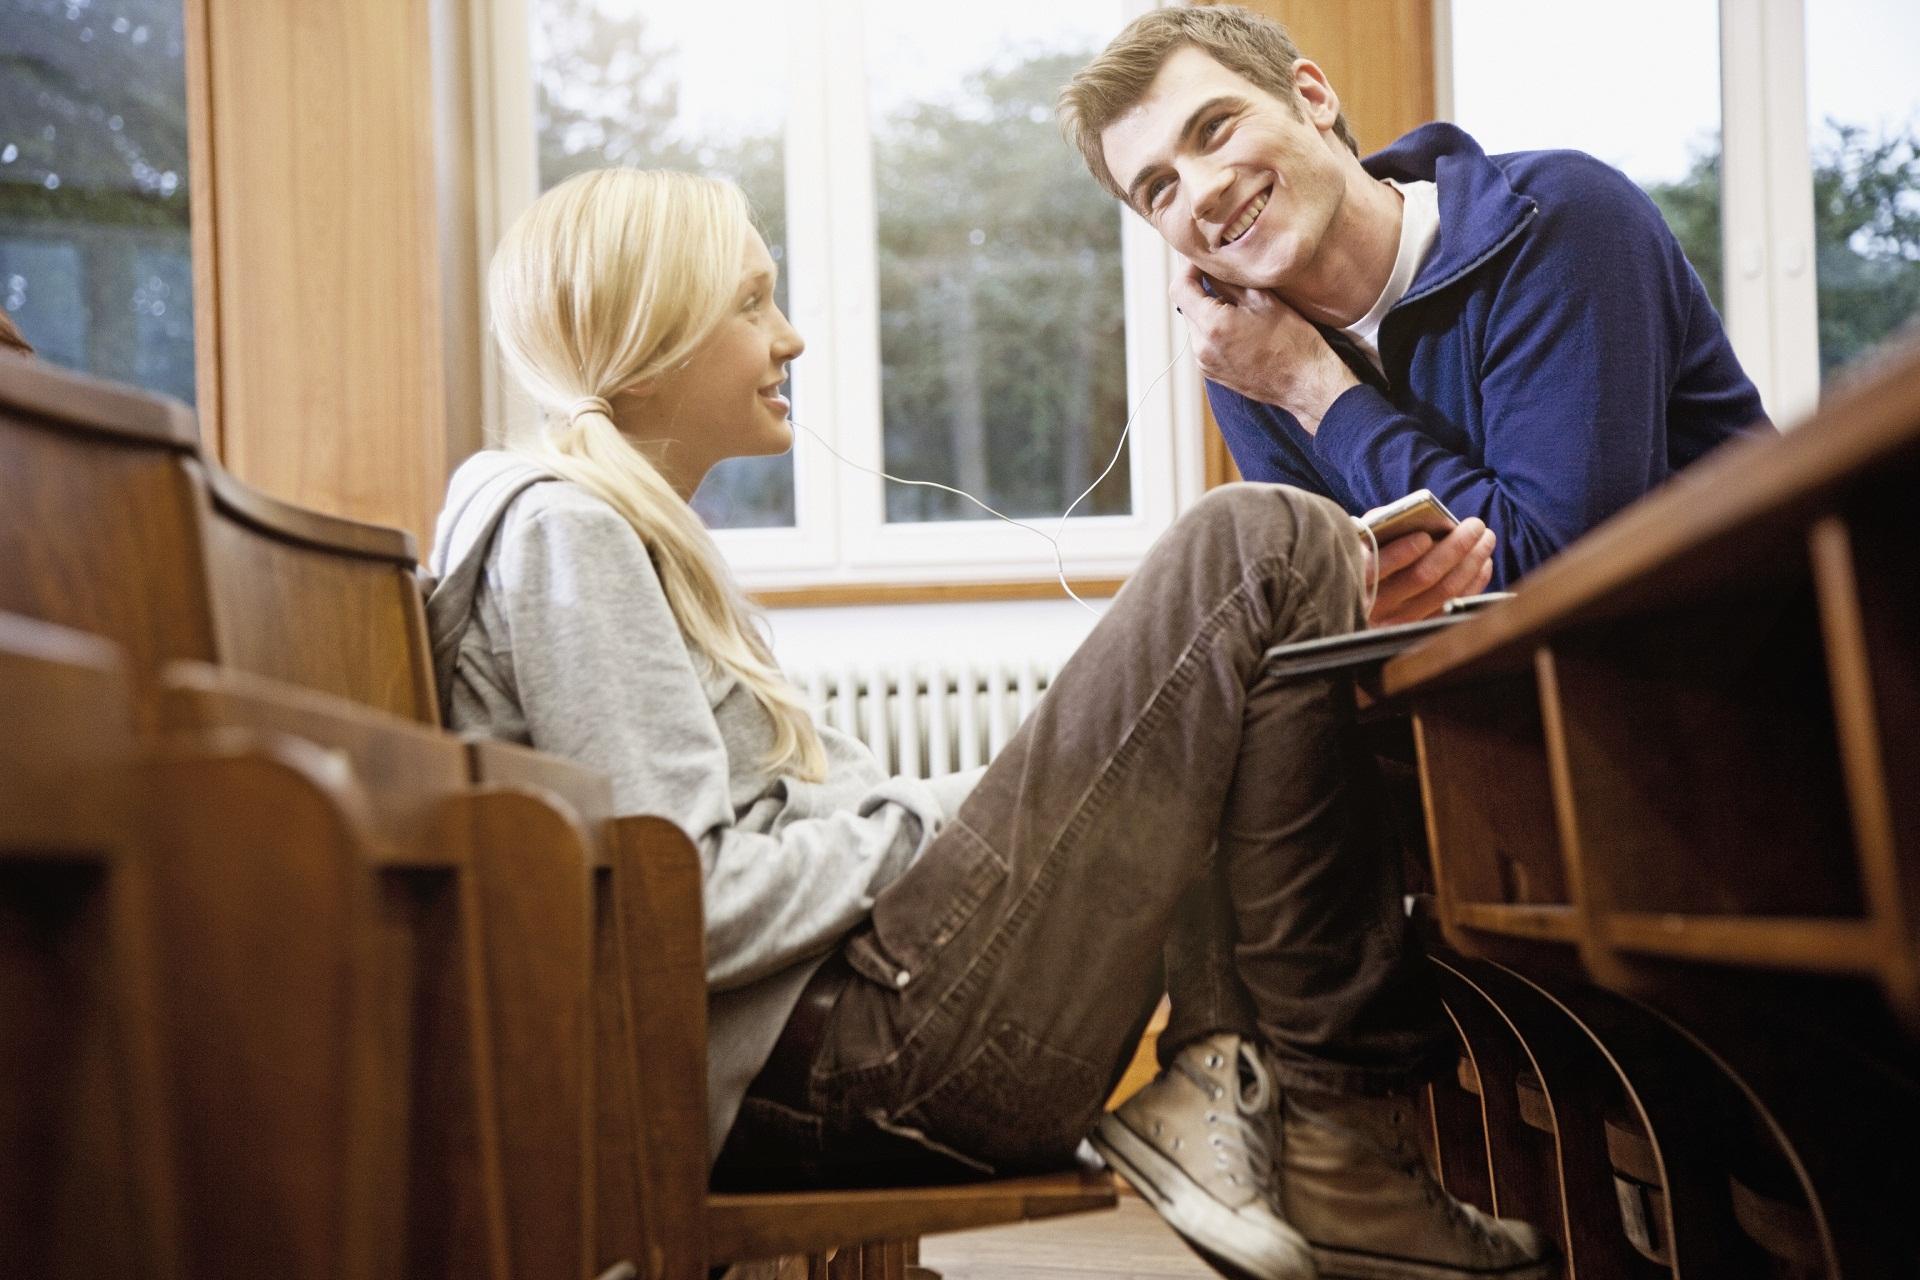 Le donne con amici maschi soffrono meno la depressione